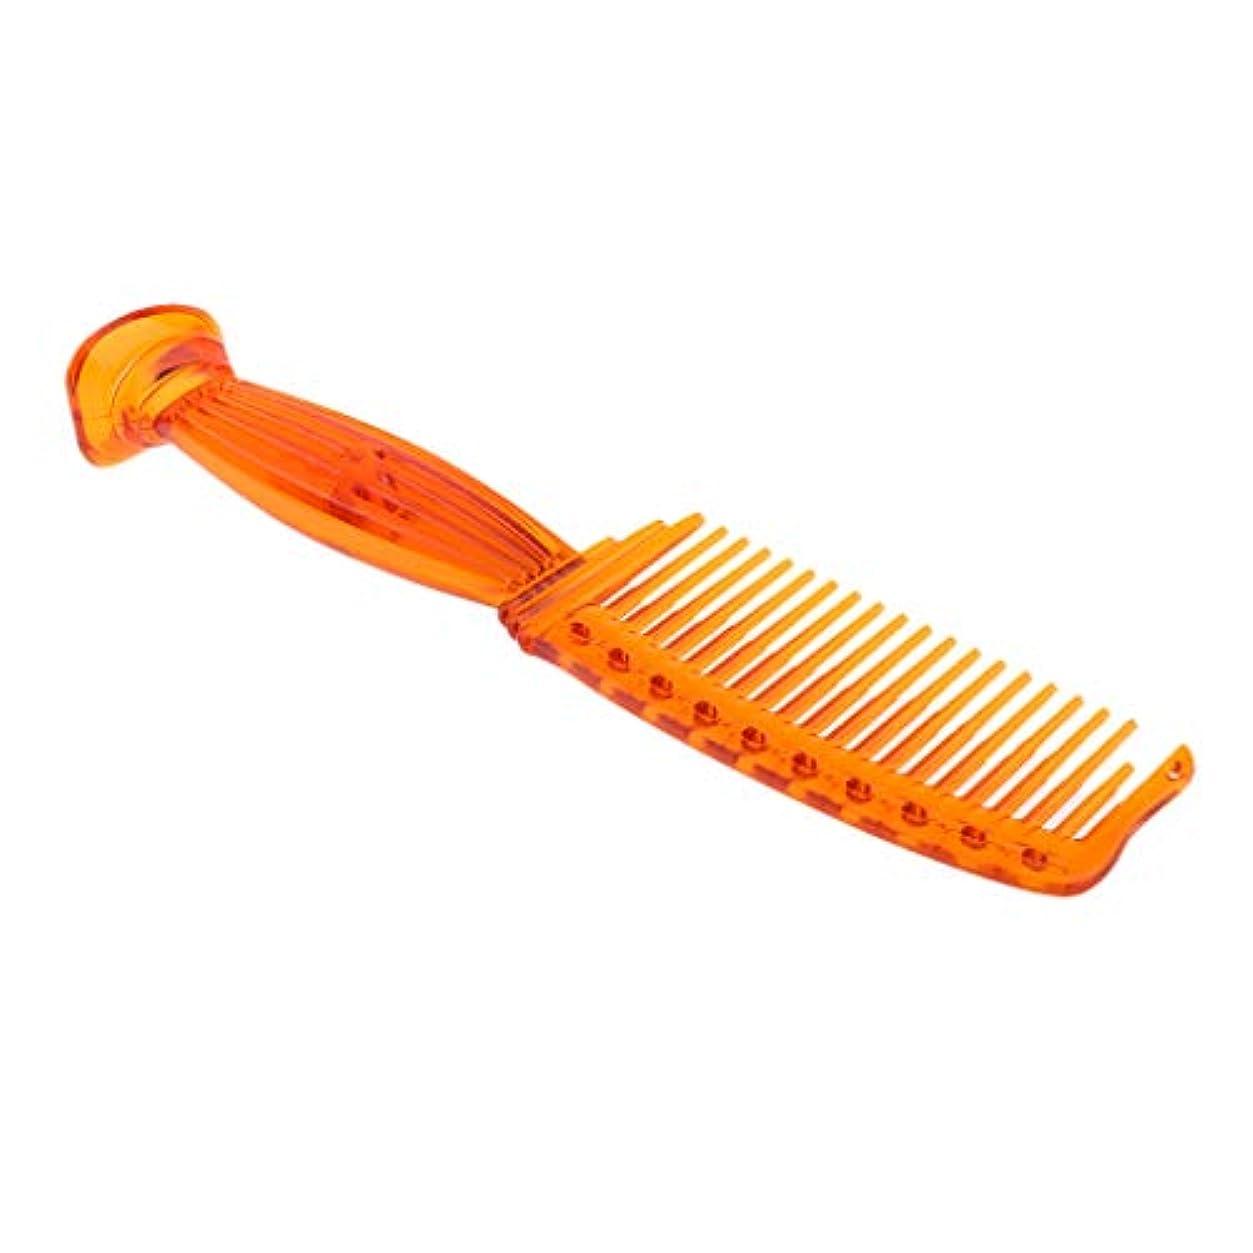 ラウズ皮適切にヘアコーム ヘアブラシ ワイド歯 プラスチック プロ ヘアサロン 理髪師 全5色選べ - オレンジ